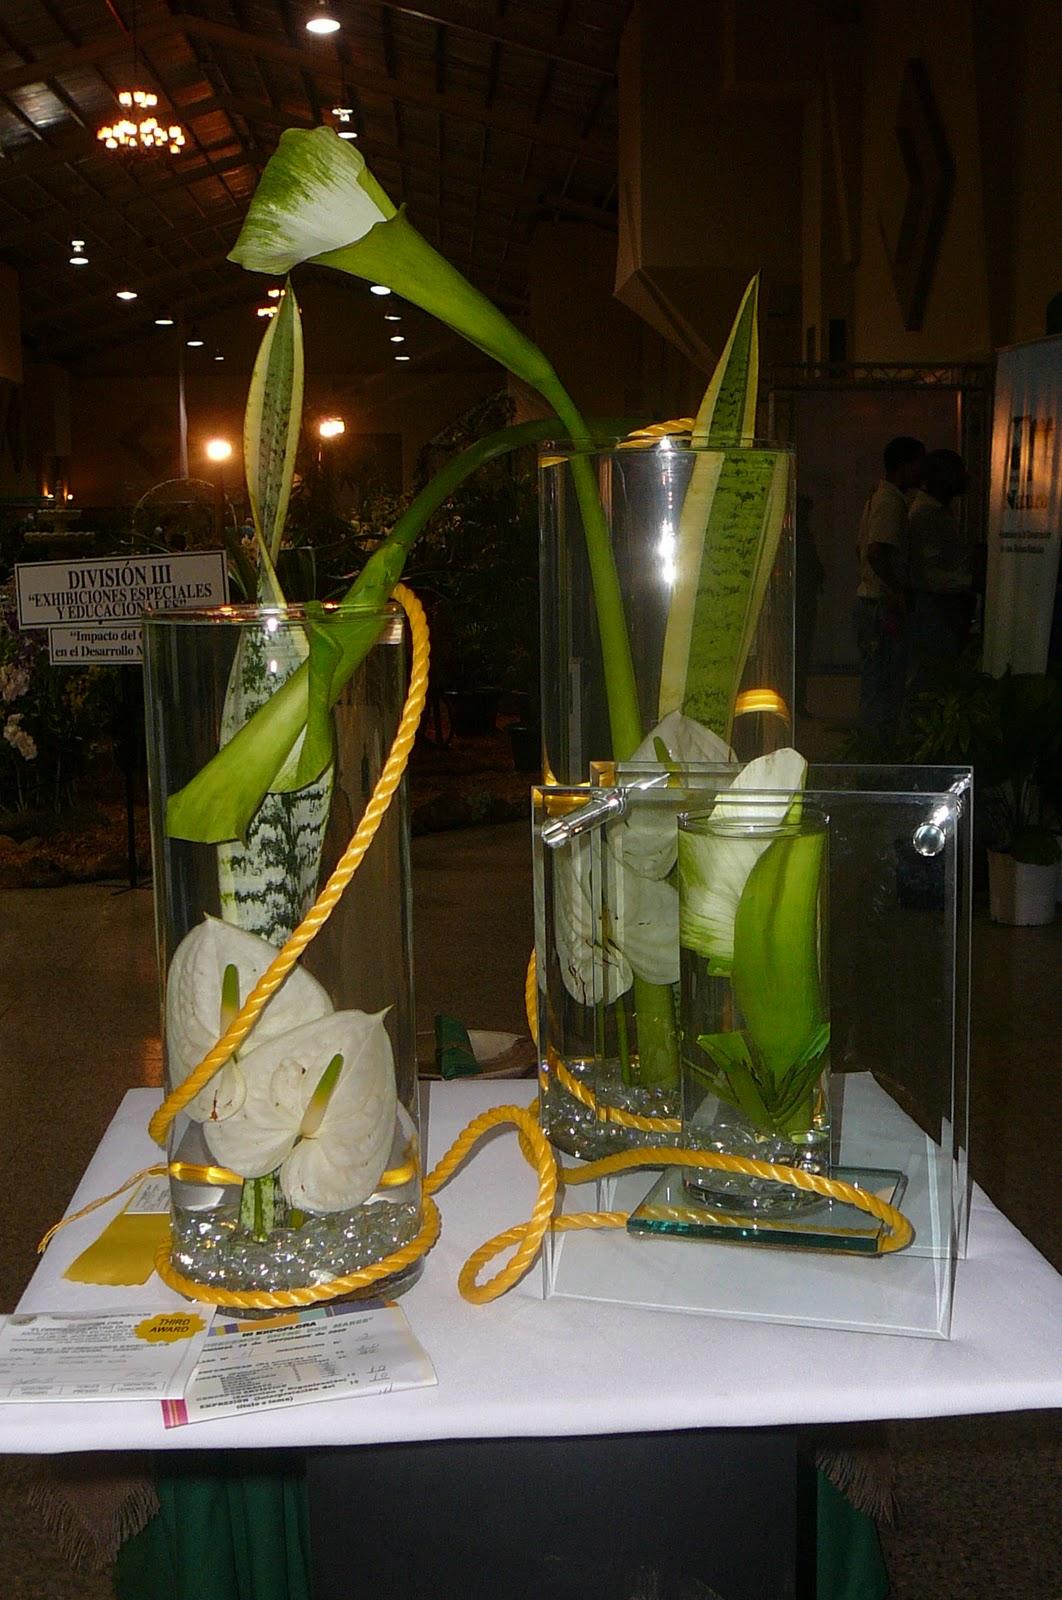 Arreglos florales creativos arreglos creativos seccion juvenil - Arreglos florales creativos ...